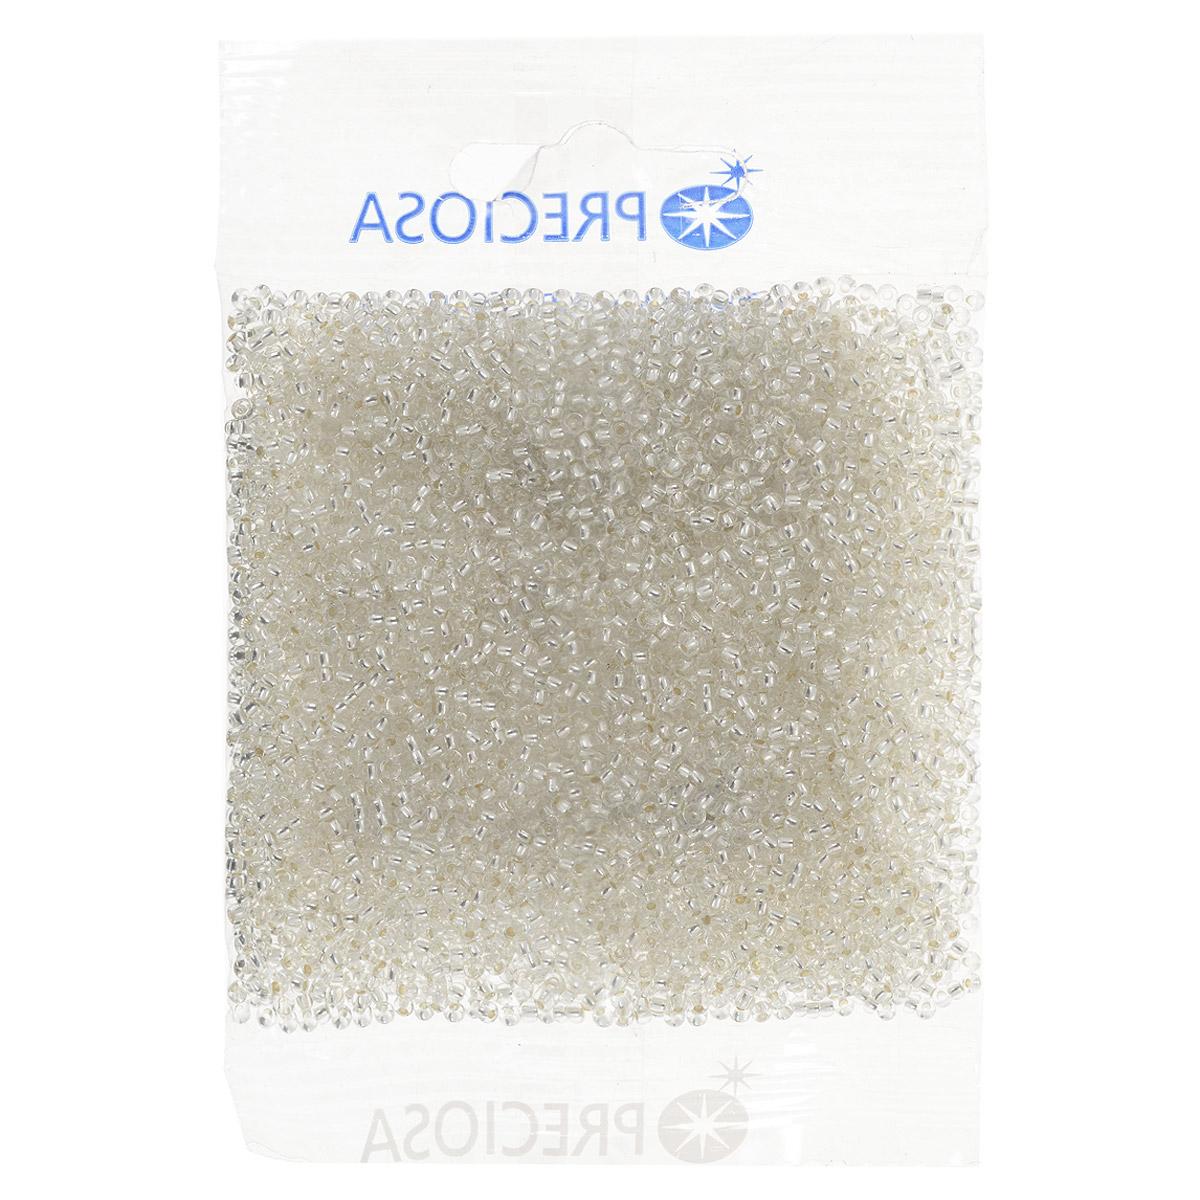 Бисер Preciosa, с серебристым центром, цвет: прозрачный (78102), размер 10/0, 50 г7702946Прозрачный бисер Preciosa, изготовленный из стекла круглой формы с серебристым центром, позволит вам своими руками создать оригинальные ожерелья, бусы или браслеты, а также заняться вышиванием. В бисероплетении часто используют бисер разных размеров и цветов. Он идеально подойдет для вышивания на предметах быта и женской одежде. Изготовление украшений - занимательное хобби и реализация творческих способностей рукодельницы, это возможность создания неповторимого индивидуального подарка. Размер бисера: 10/0.